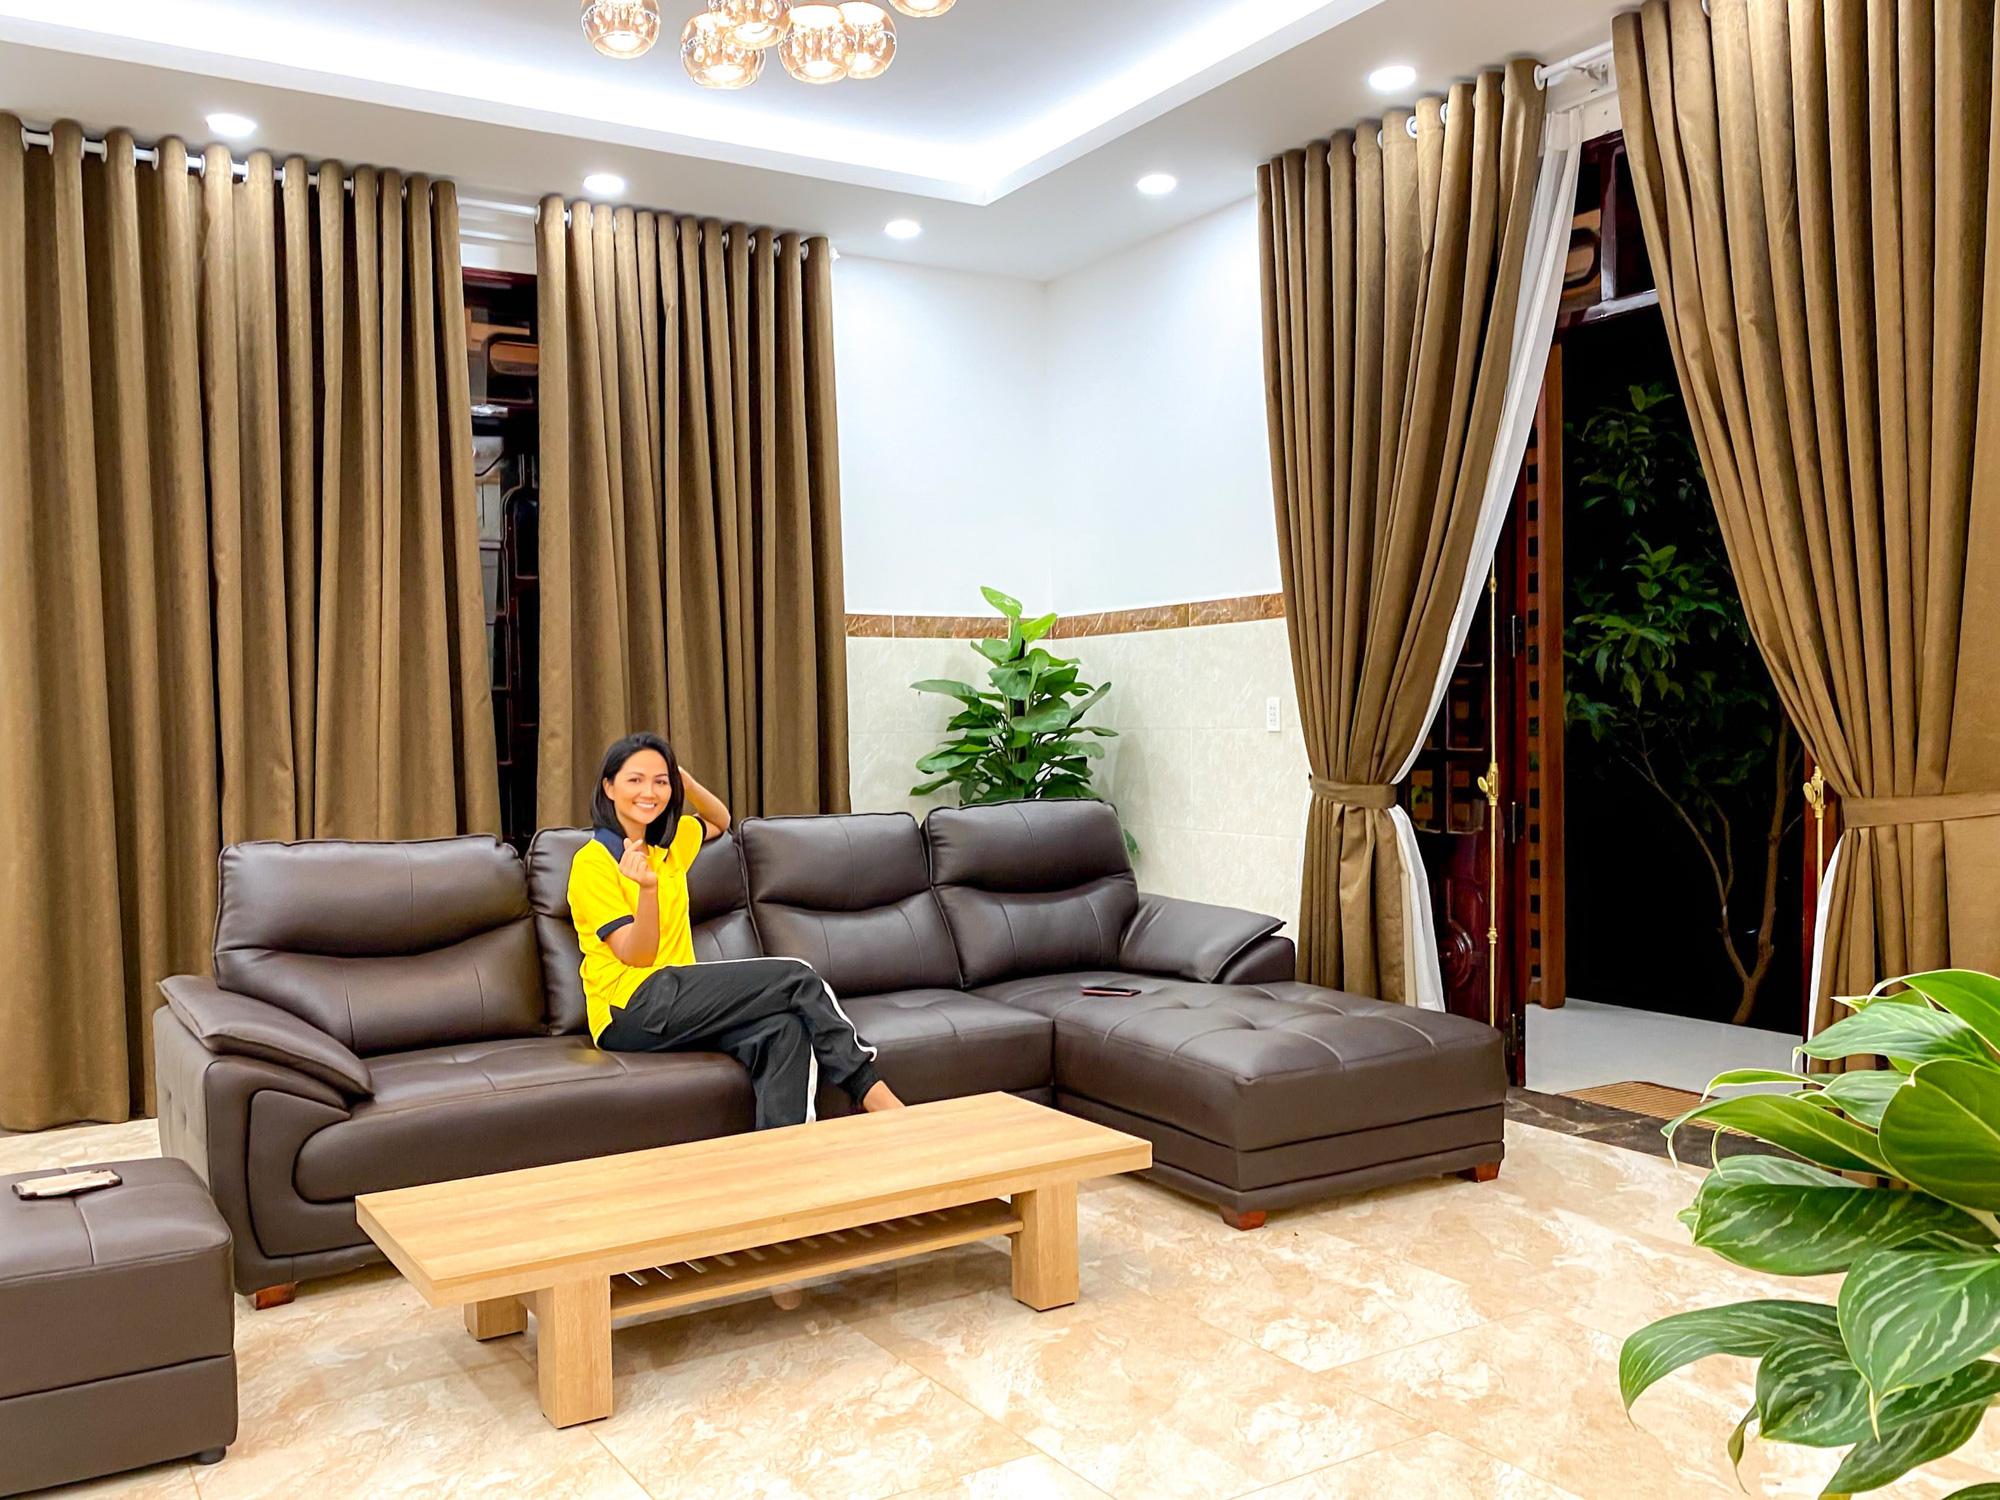 Hoa hậu H'Hen Niê gói trọn tình thương trong ngôi nhà mới xây cho bố mẹ - Ảnh 3.